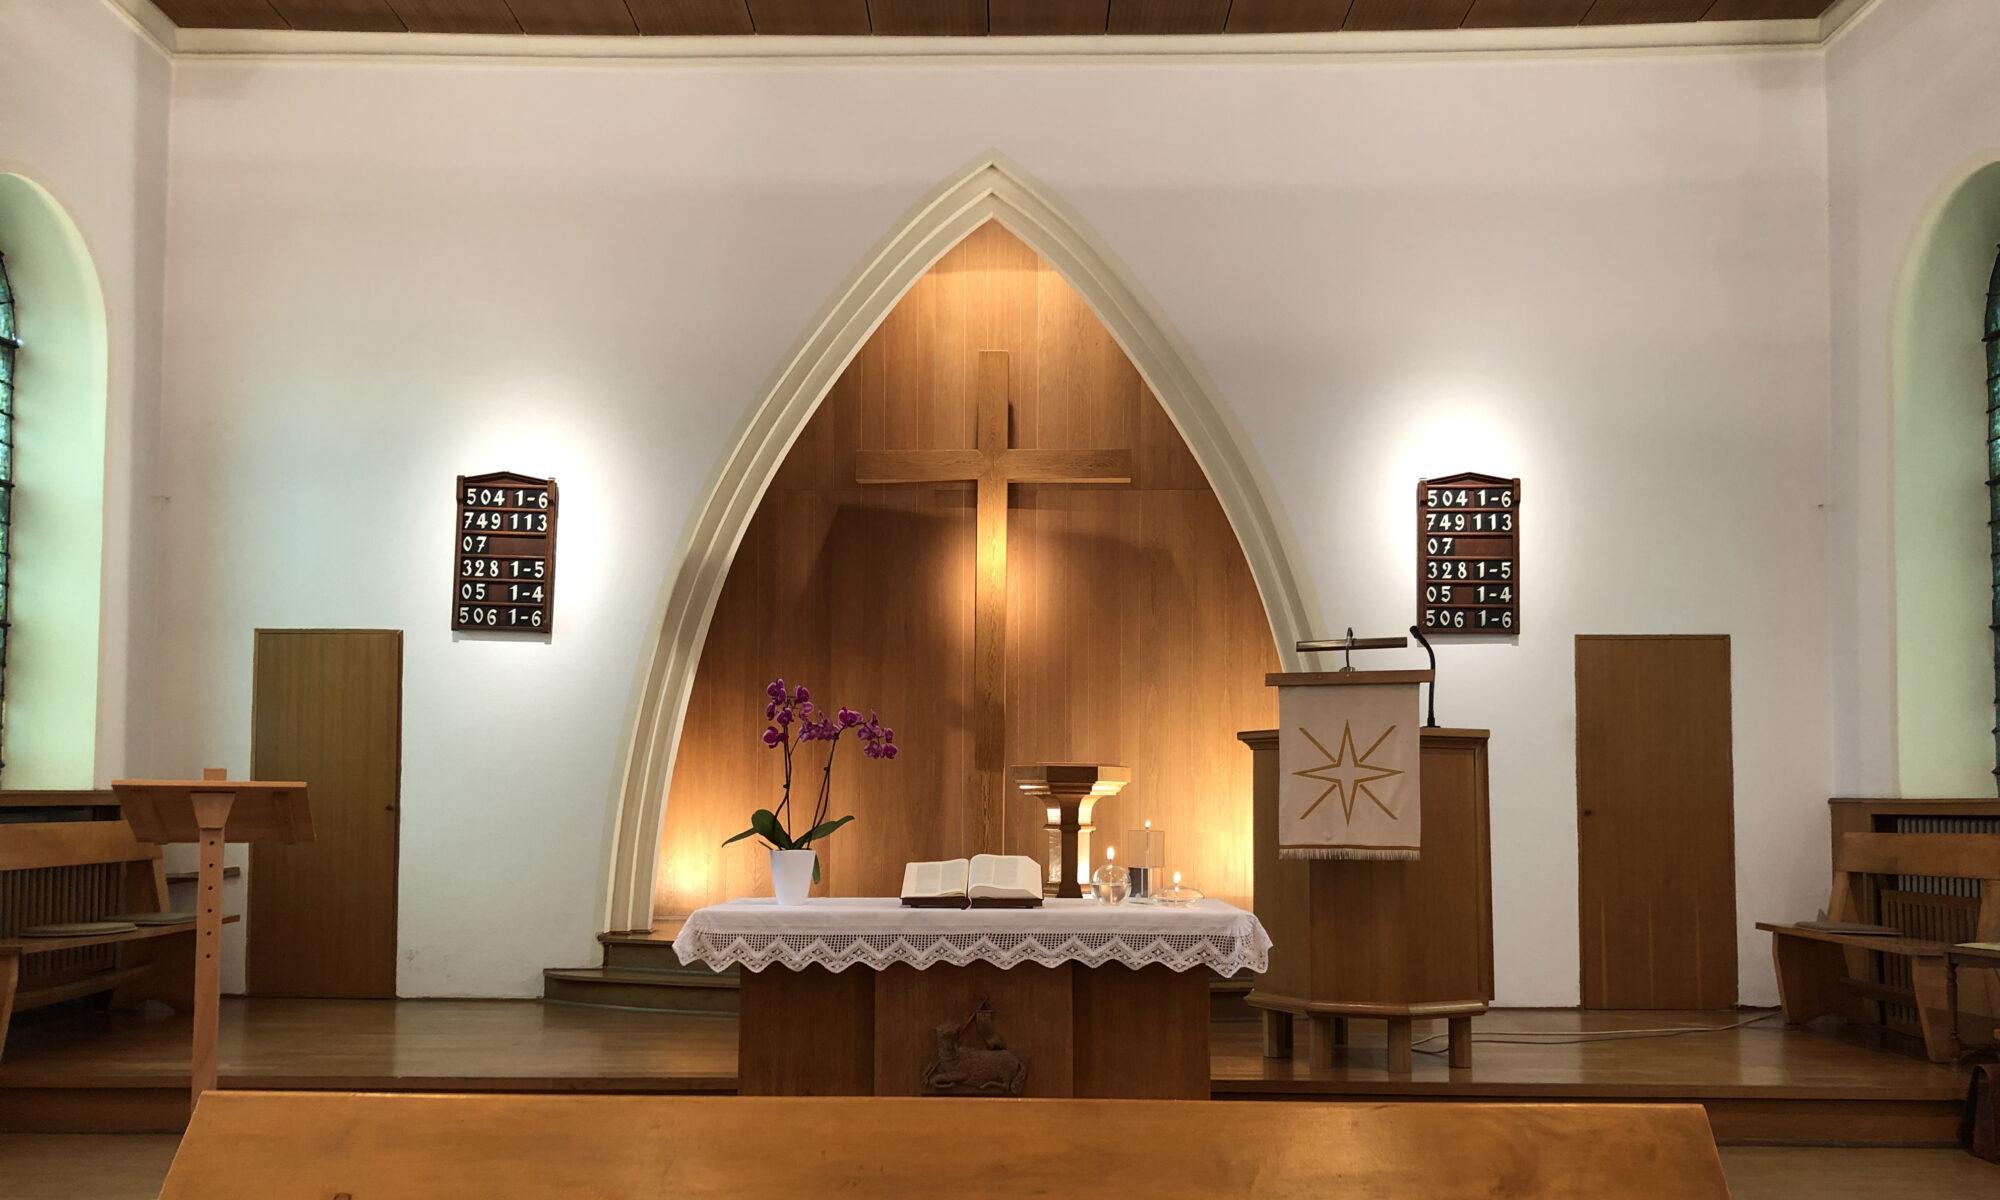 Protestantisch-Reformierte Kirche von Luxemburg